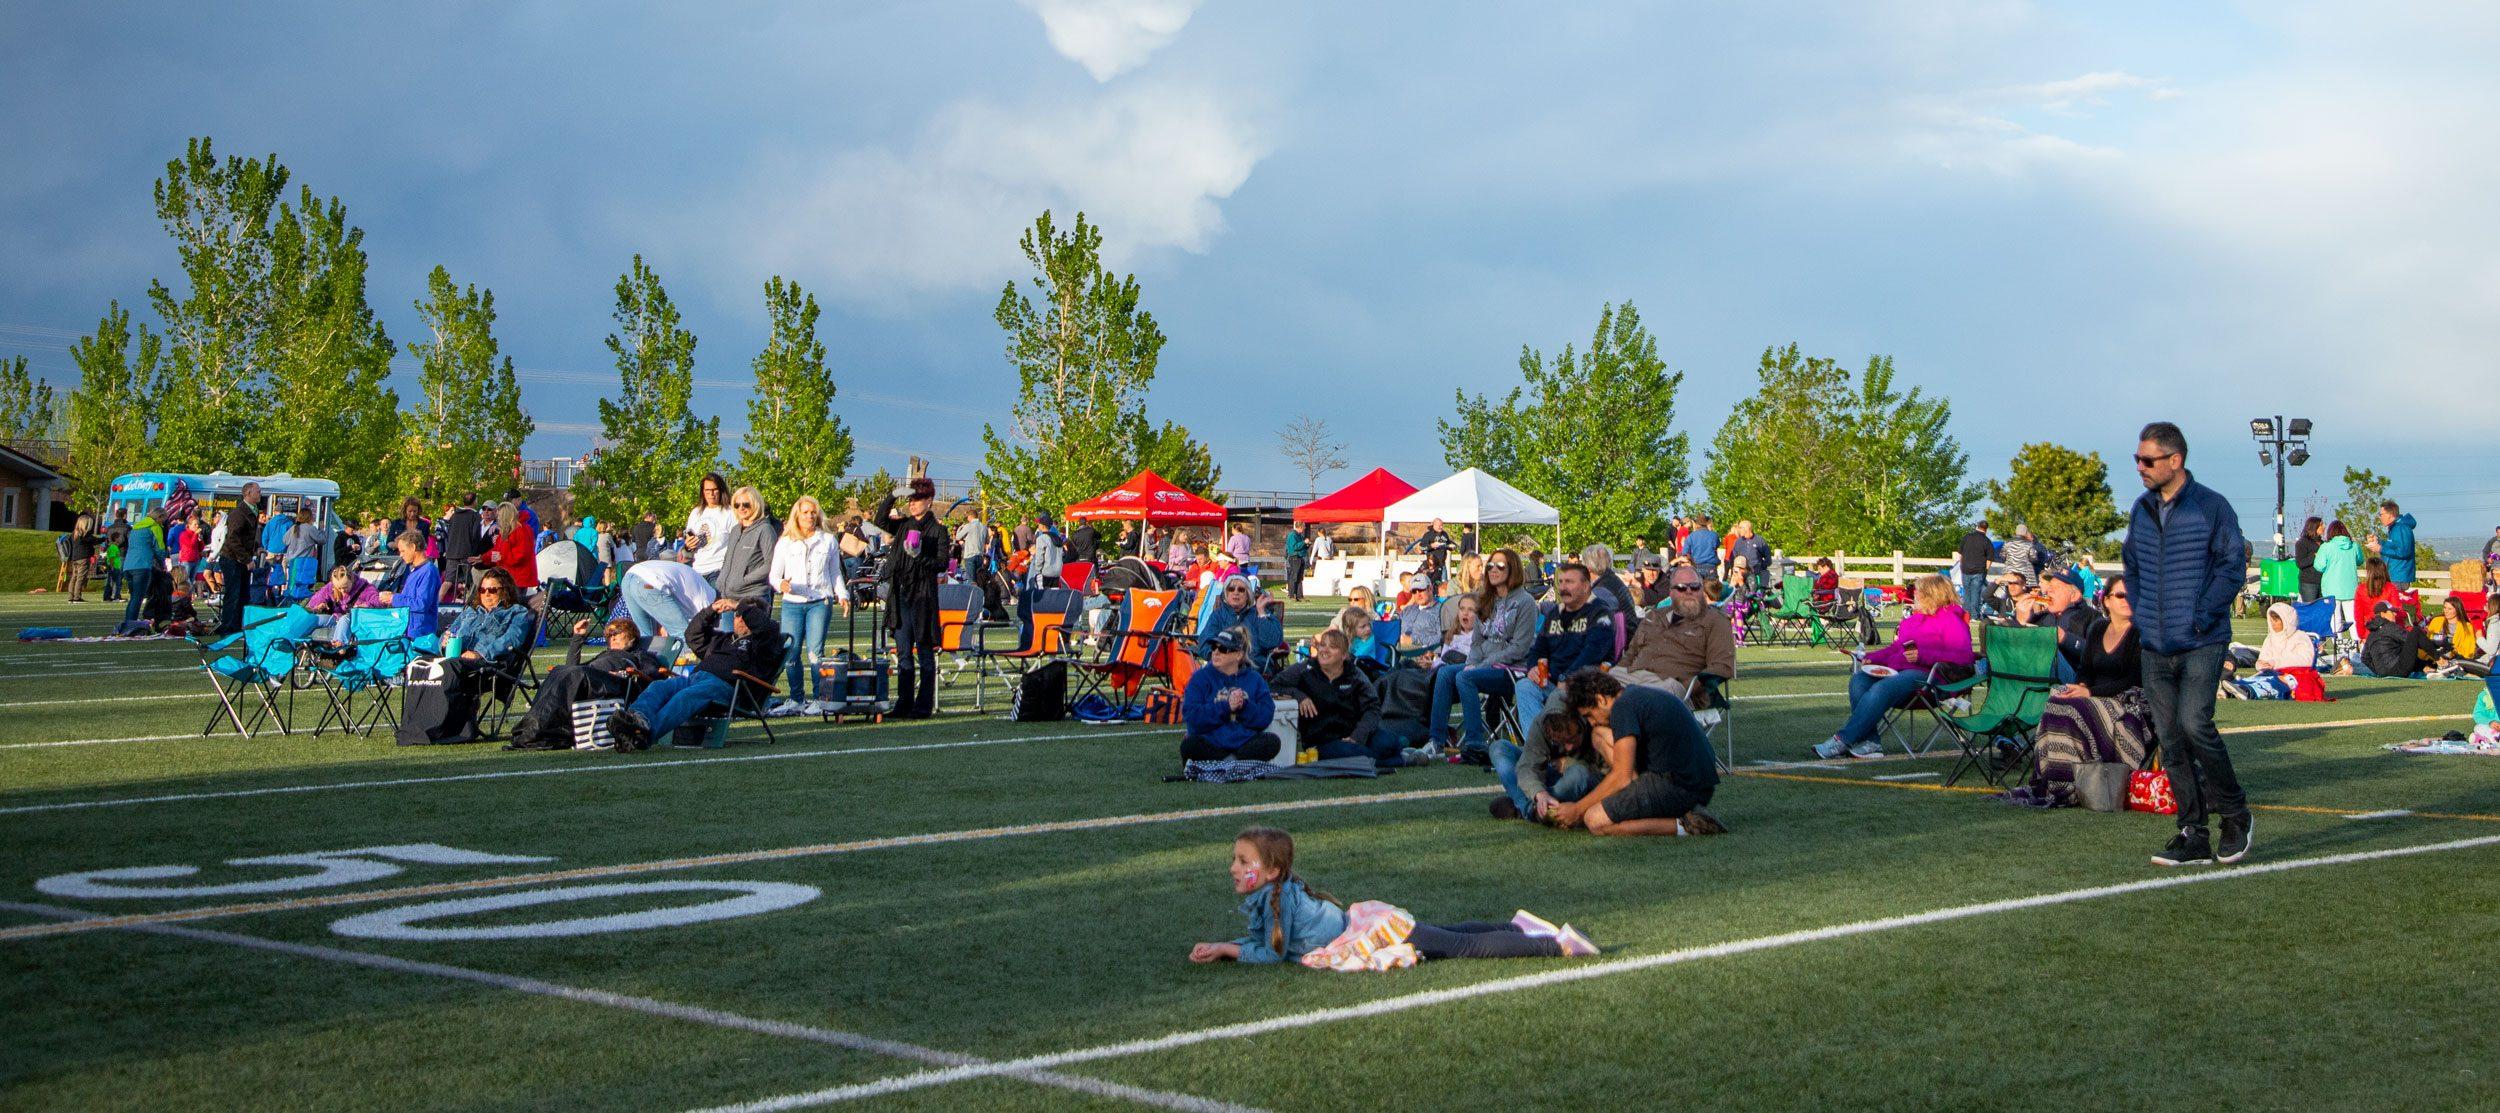 Outdoor concert at Elk Ridge Park